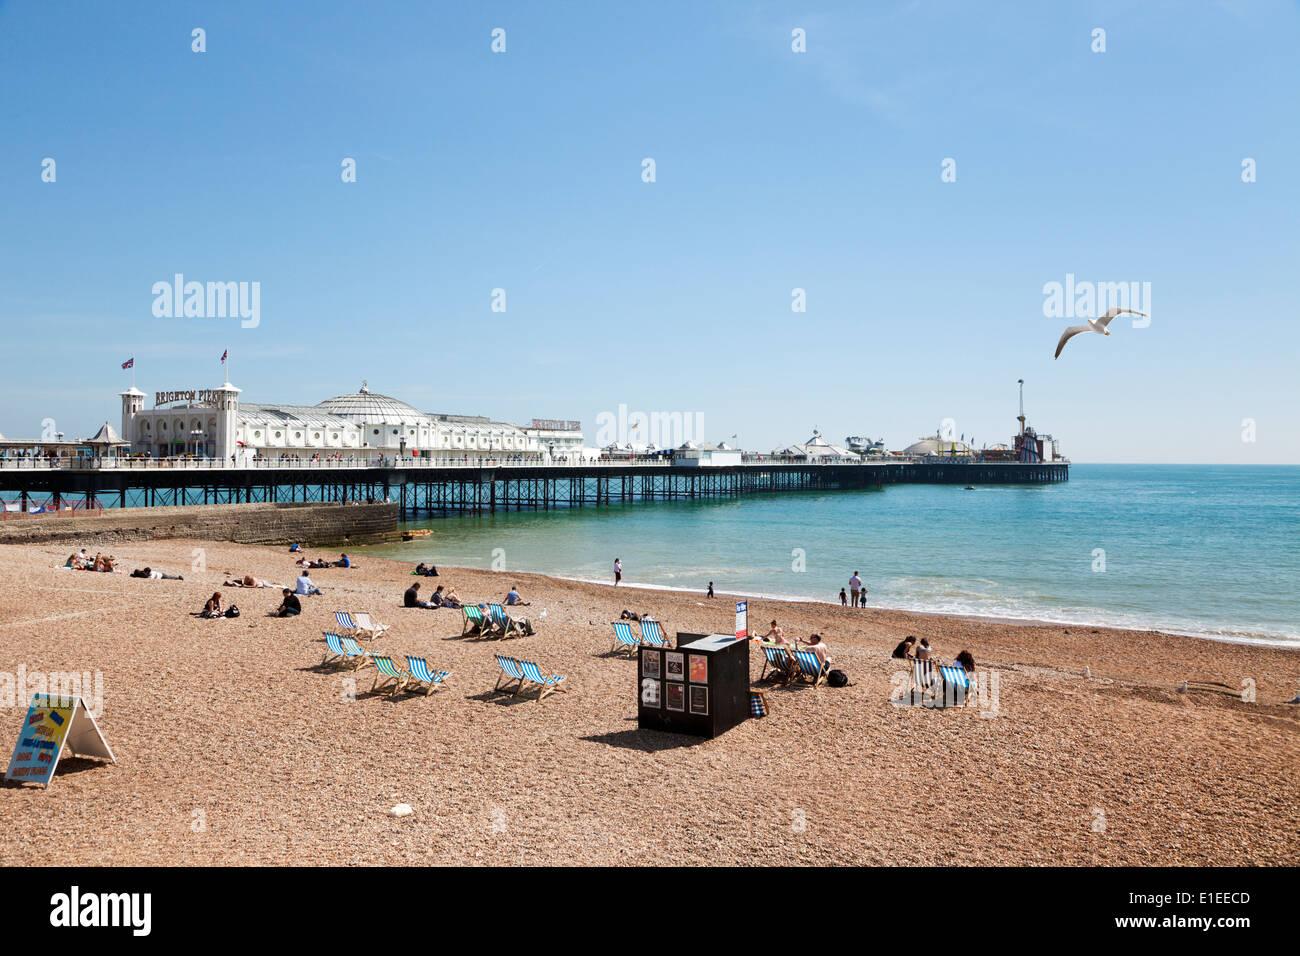 La gente di relax presso la spiaggia accanto al molo di Brighton, East Sussex, Regno Unito Immagini Stock